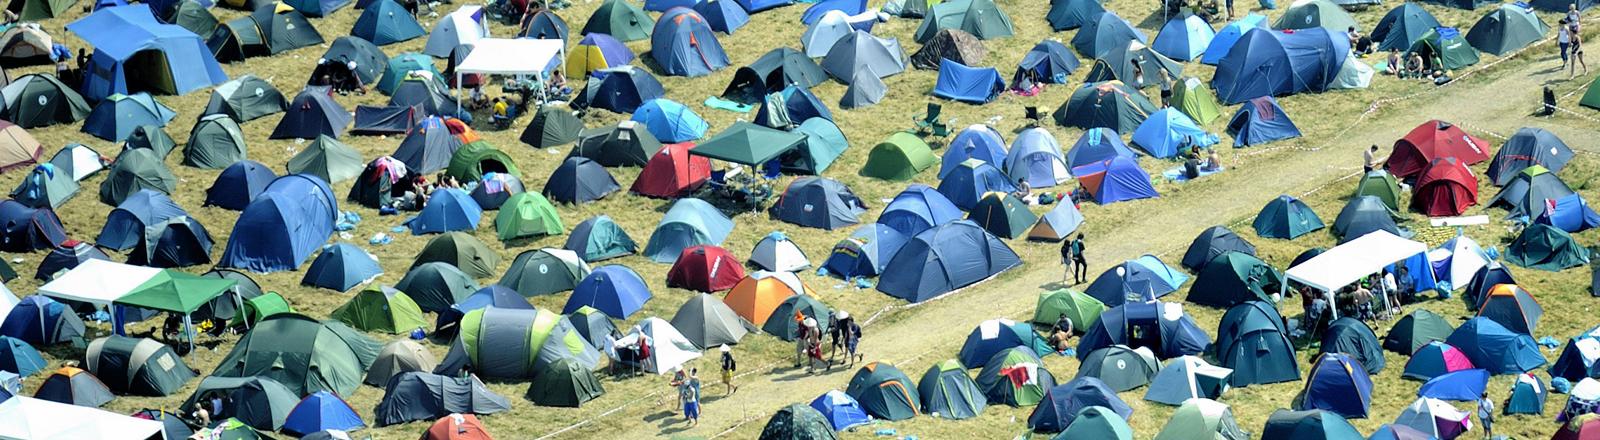 Sehr viele Zelte auf einem Festivalgelände.